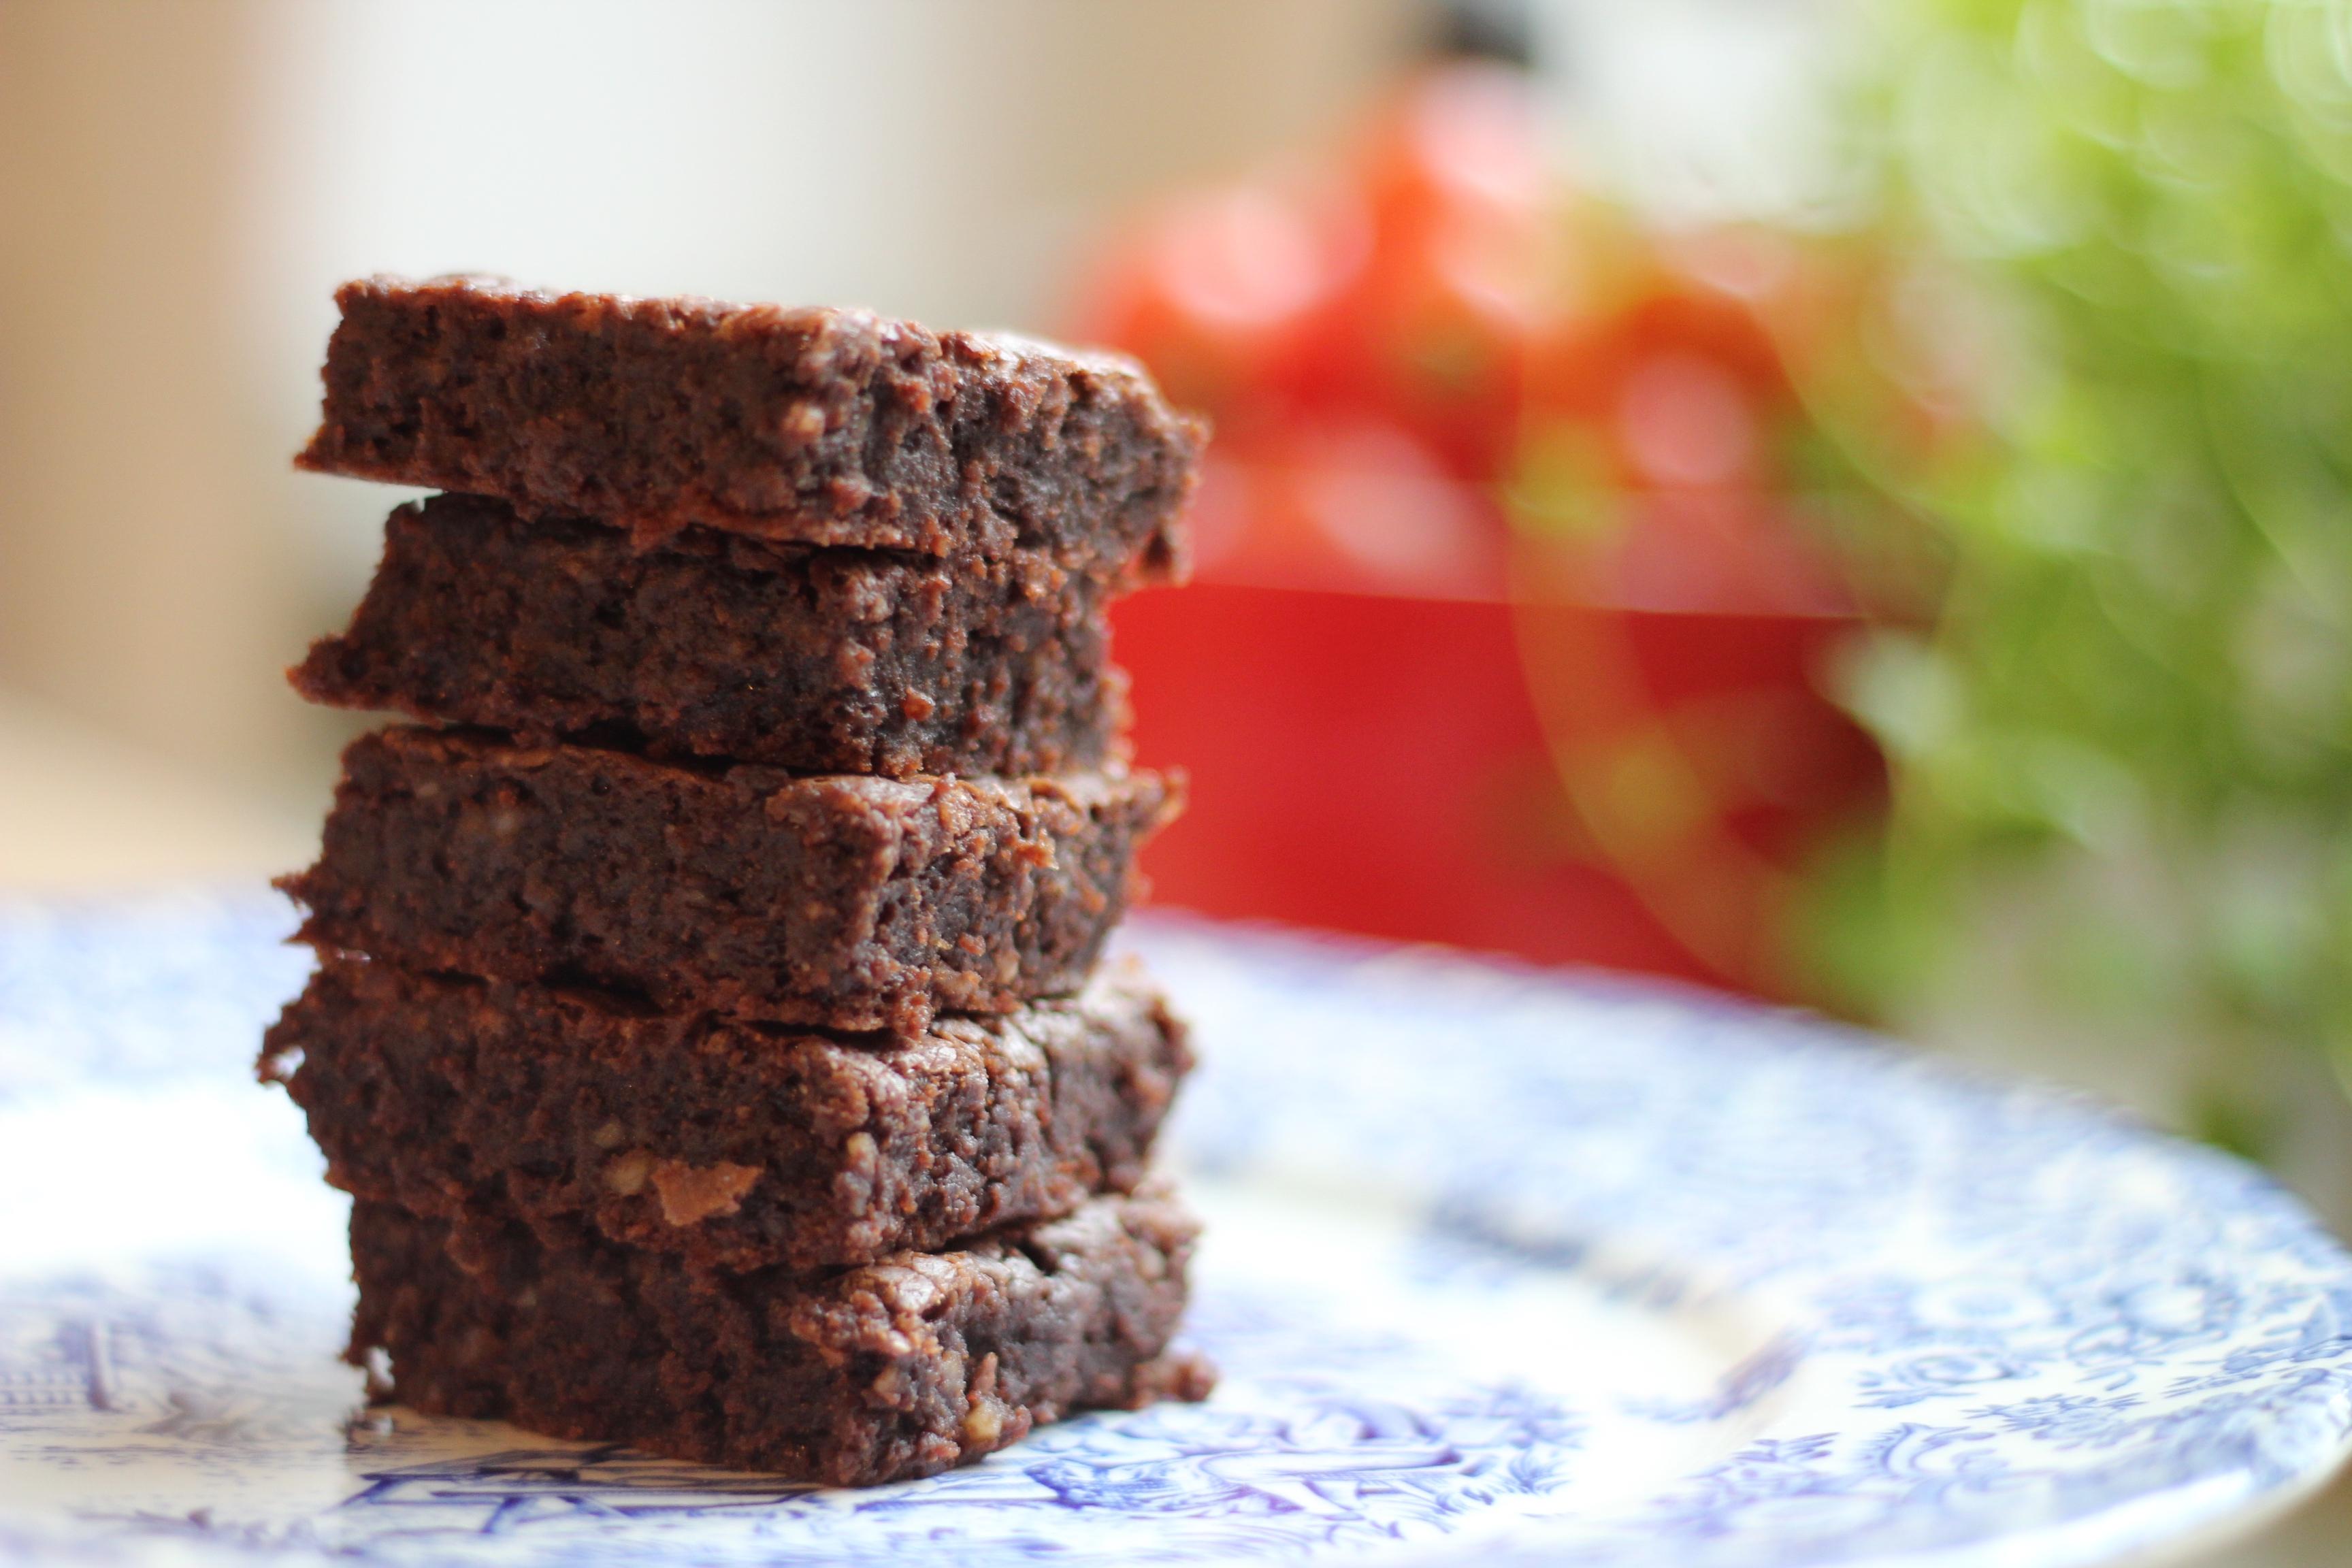 Saftiger Nutella-Brownie zum Frühstück